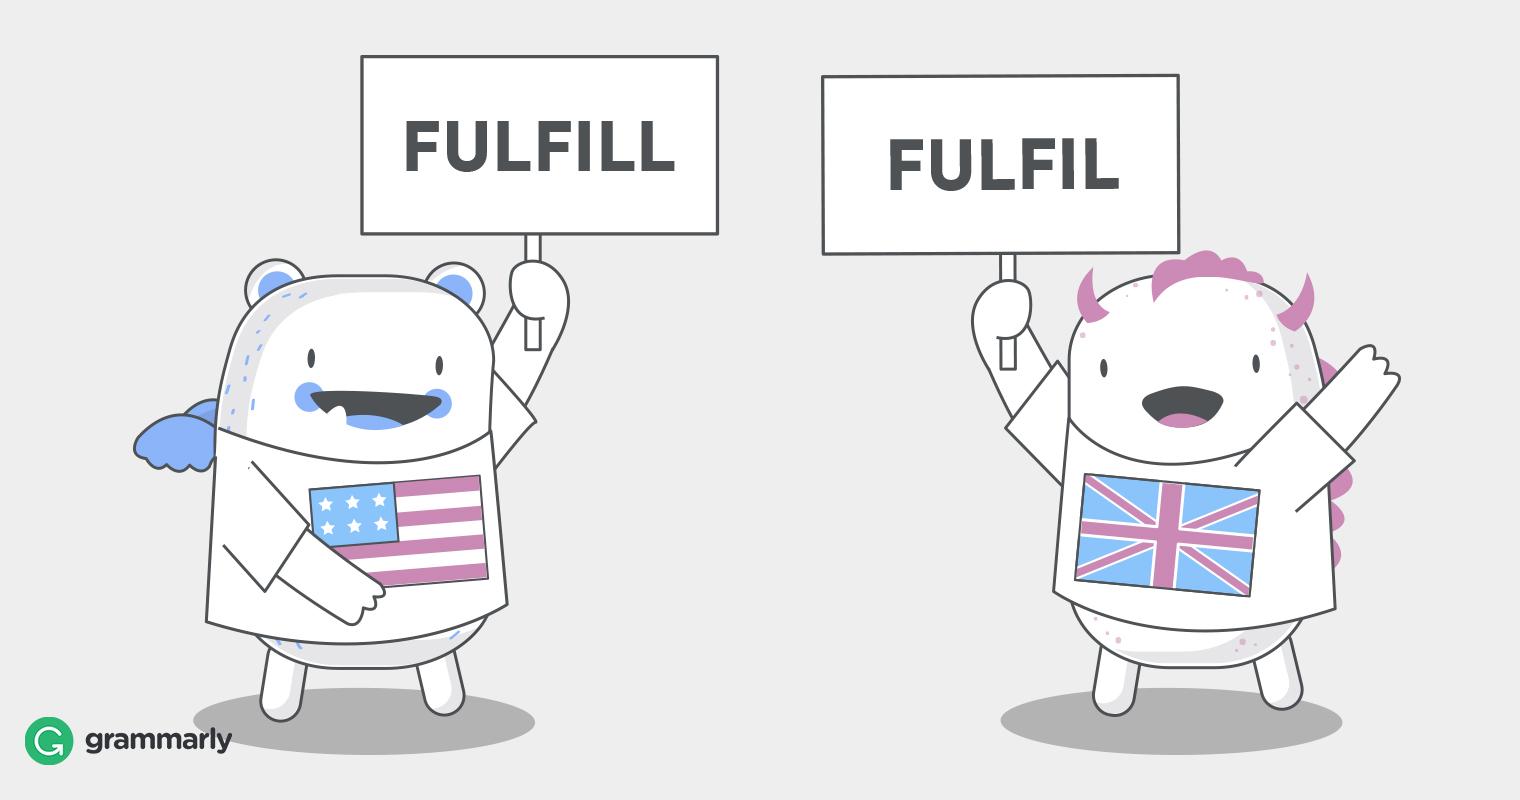 Fulfil vs. Fulfill